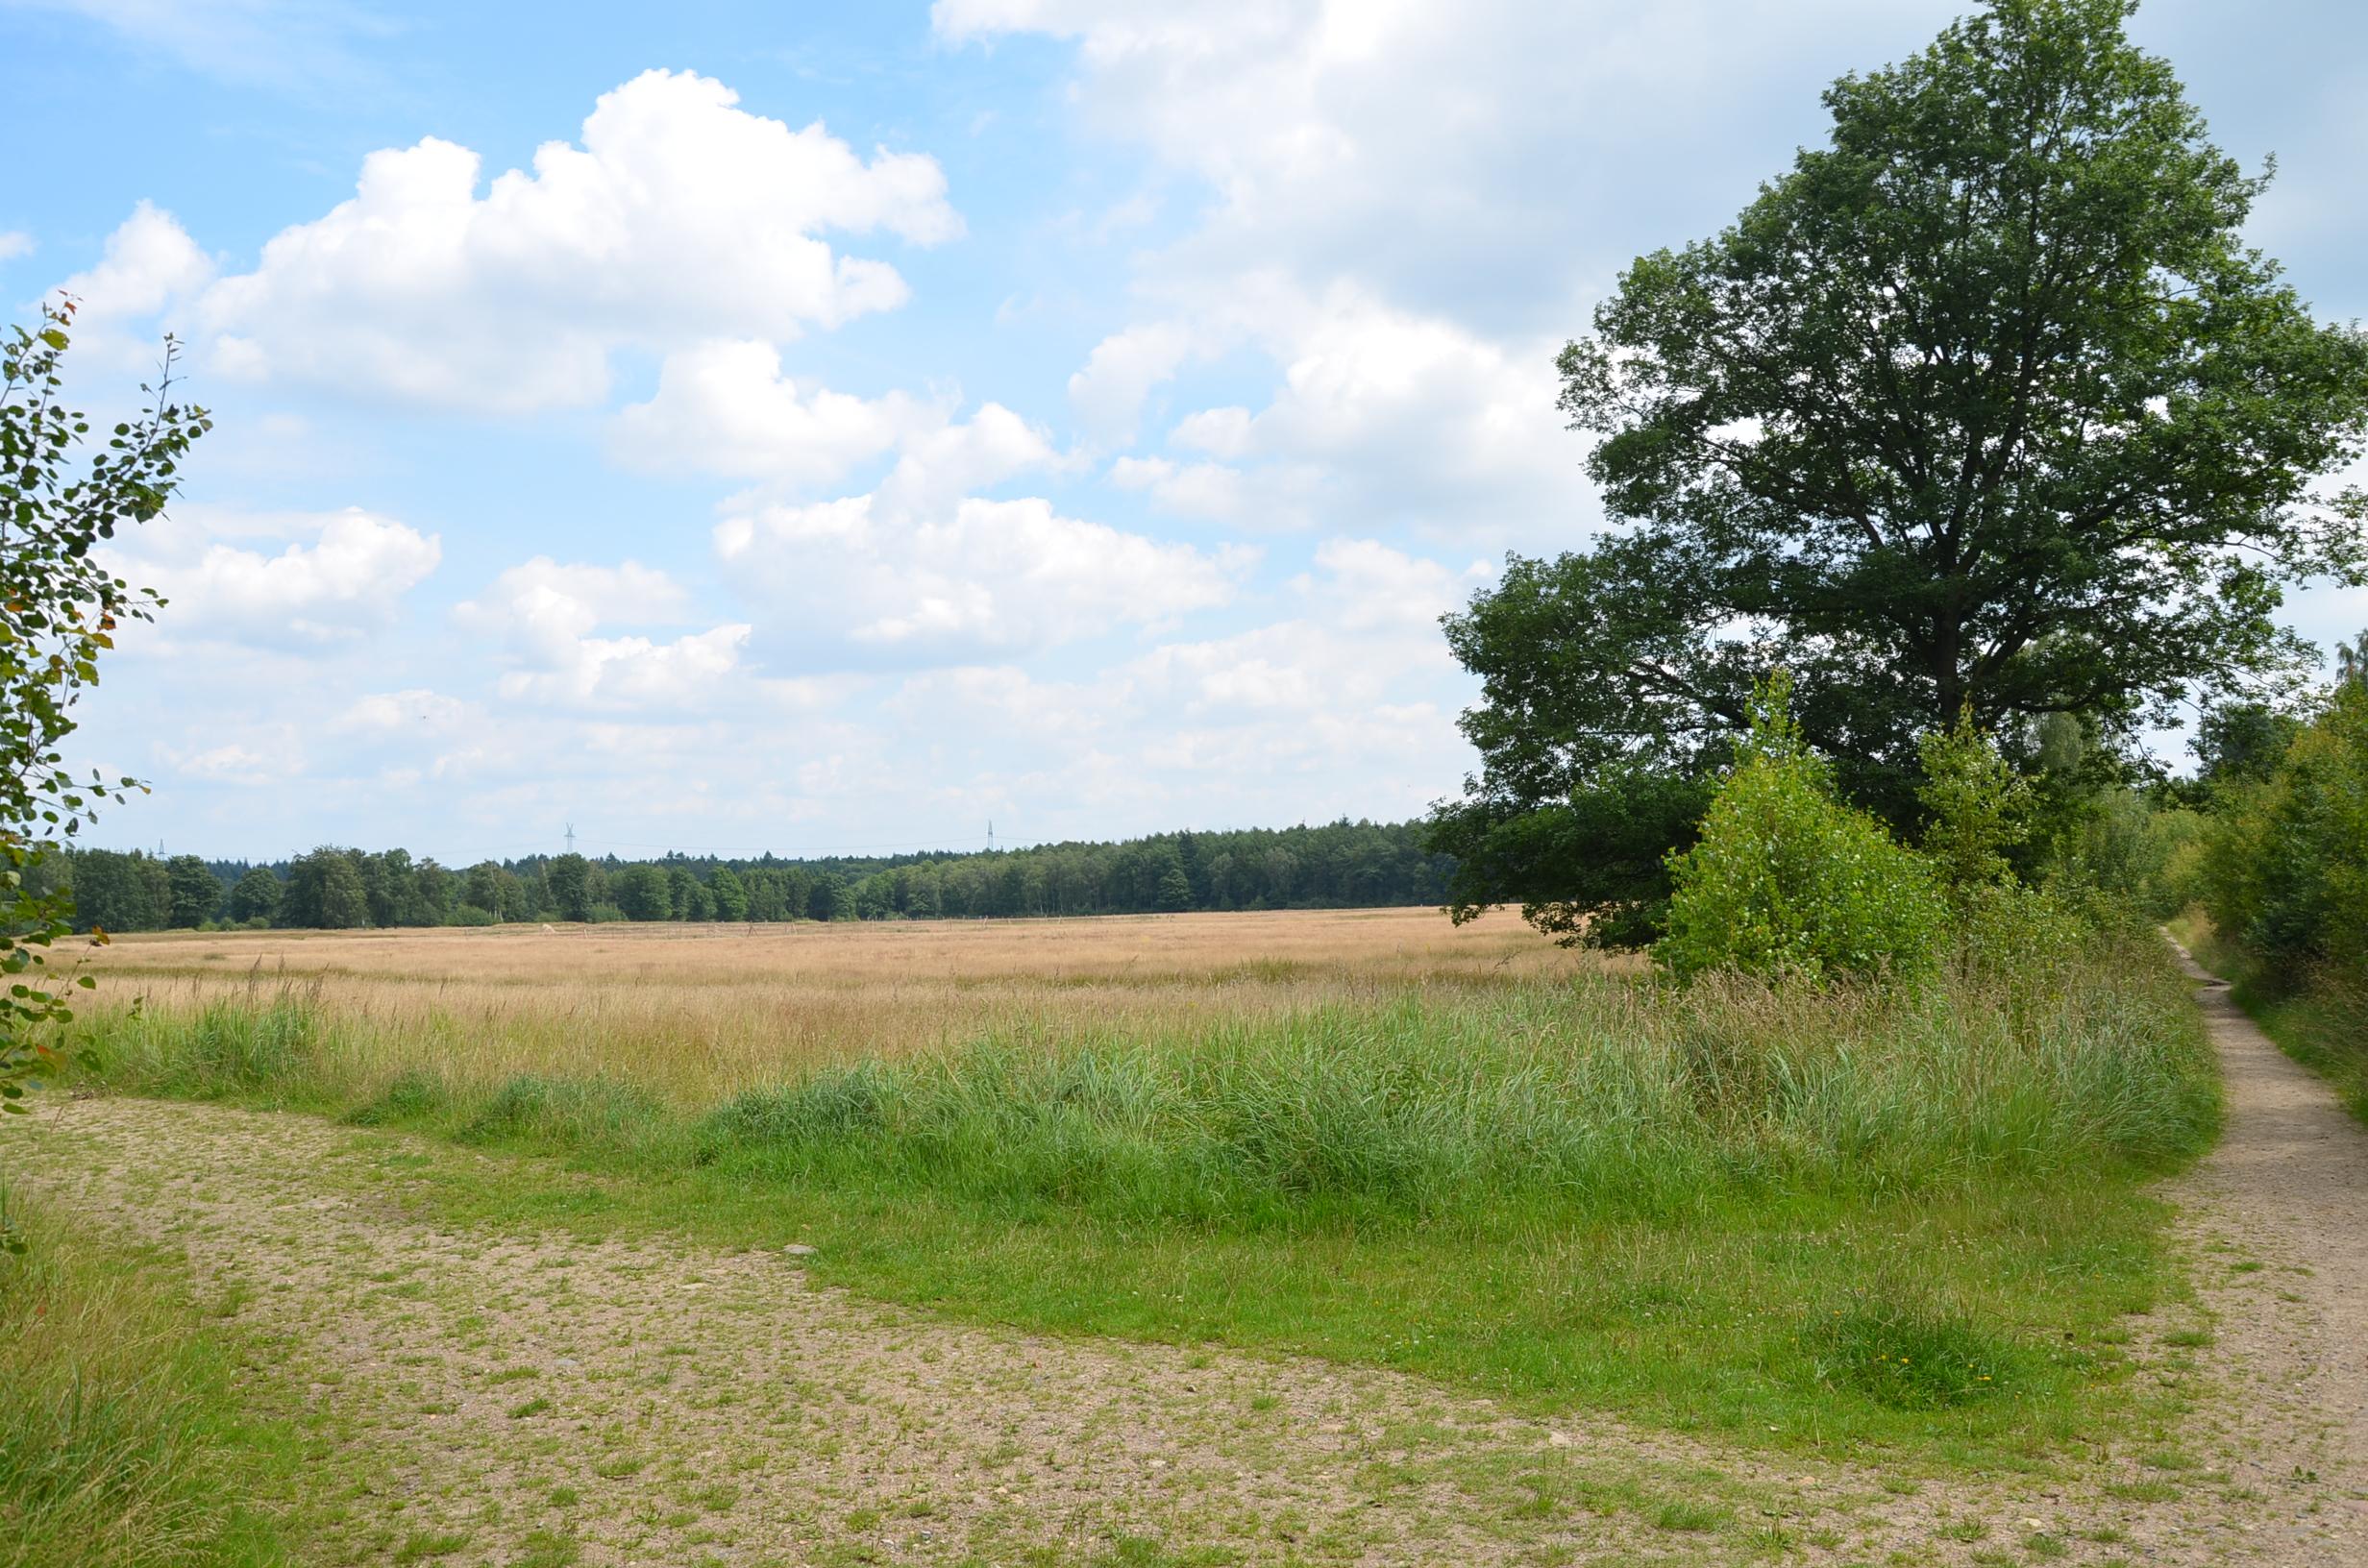 Die Wentorfer Lohe ist ein Naherholungsgebiet in Hamburgs Osten zwischen Wentorf, Wohltorf und Börnsen.  Auf dem rund 237 Hektar großen  Gebiet treffen sich Spaziergänger, Hundebesitzer, Freizeitsportler und Naturliebhaber.